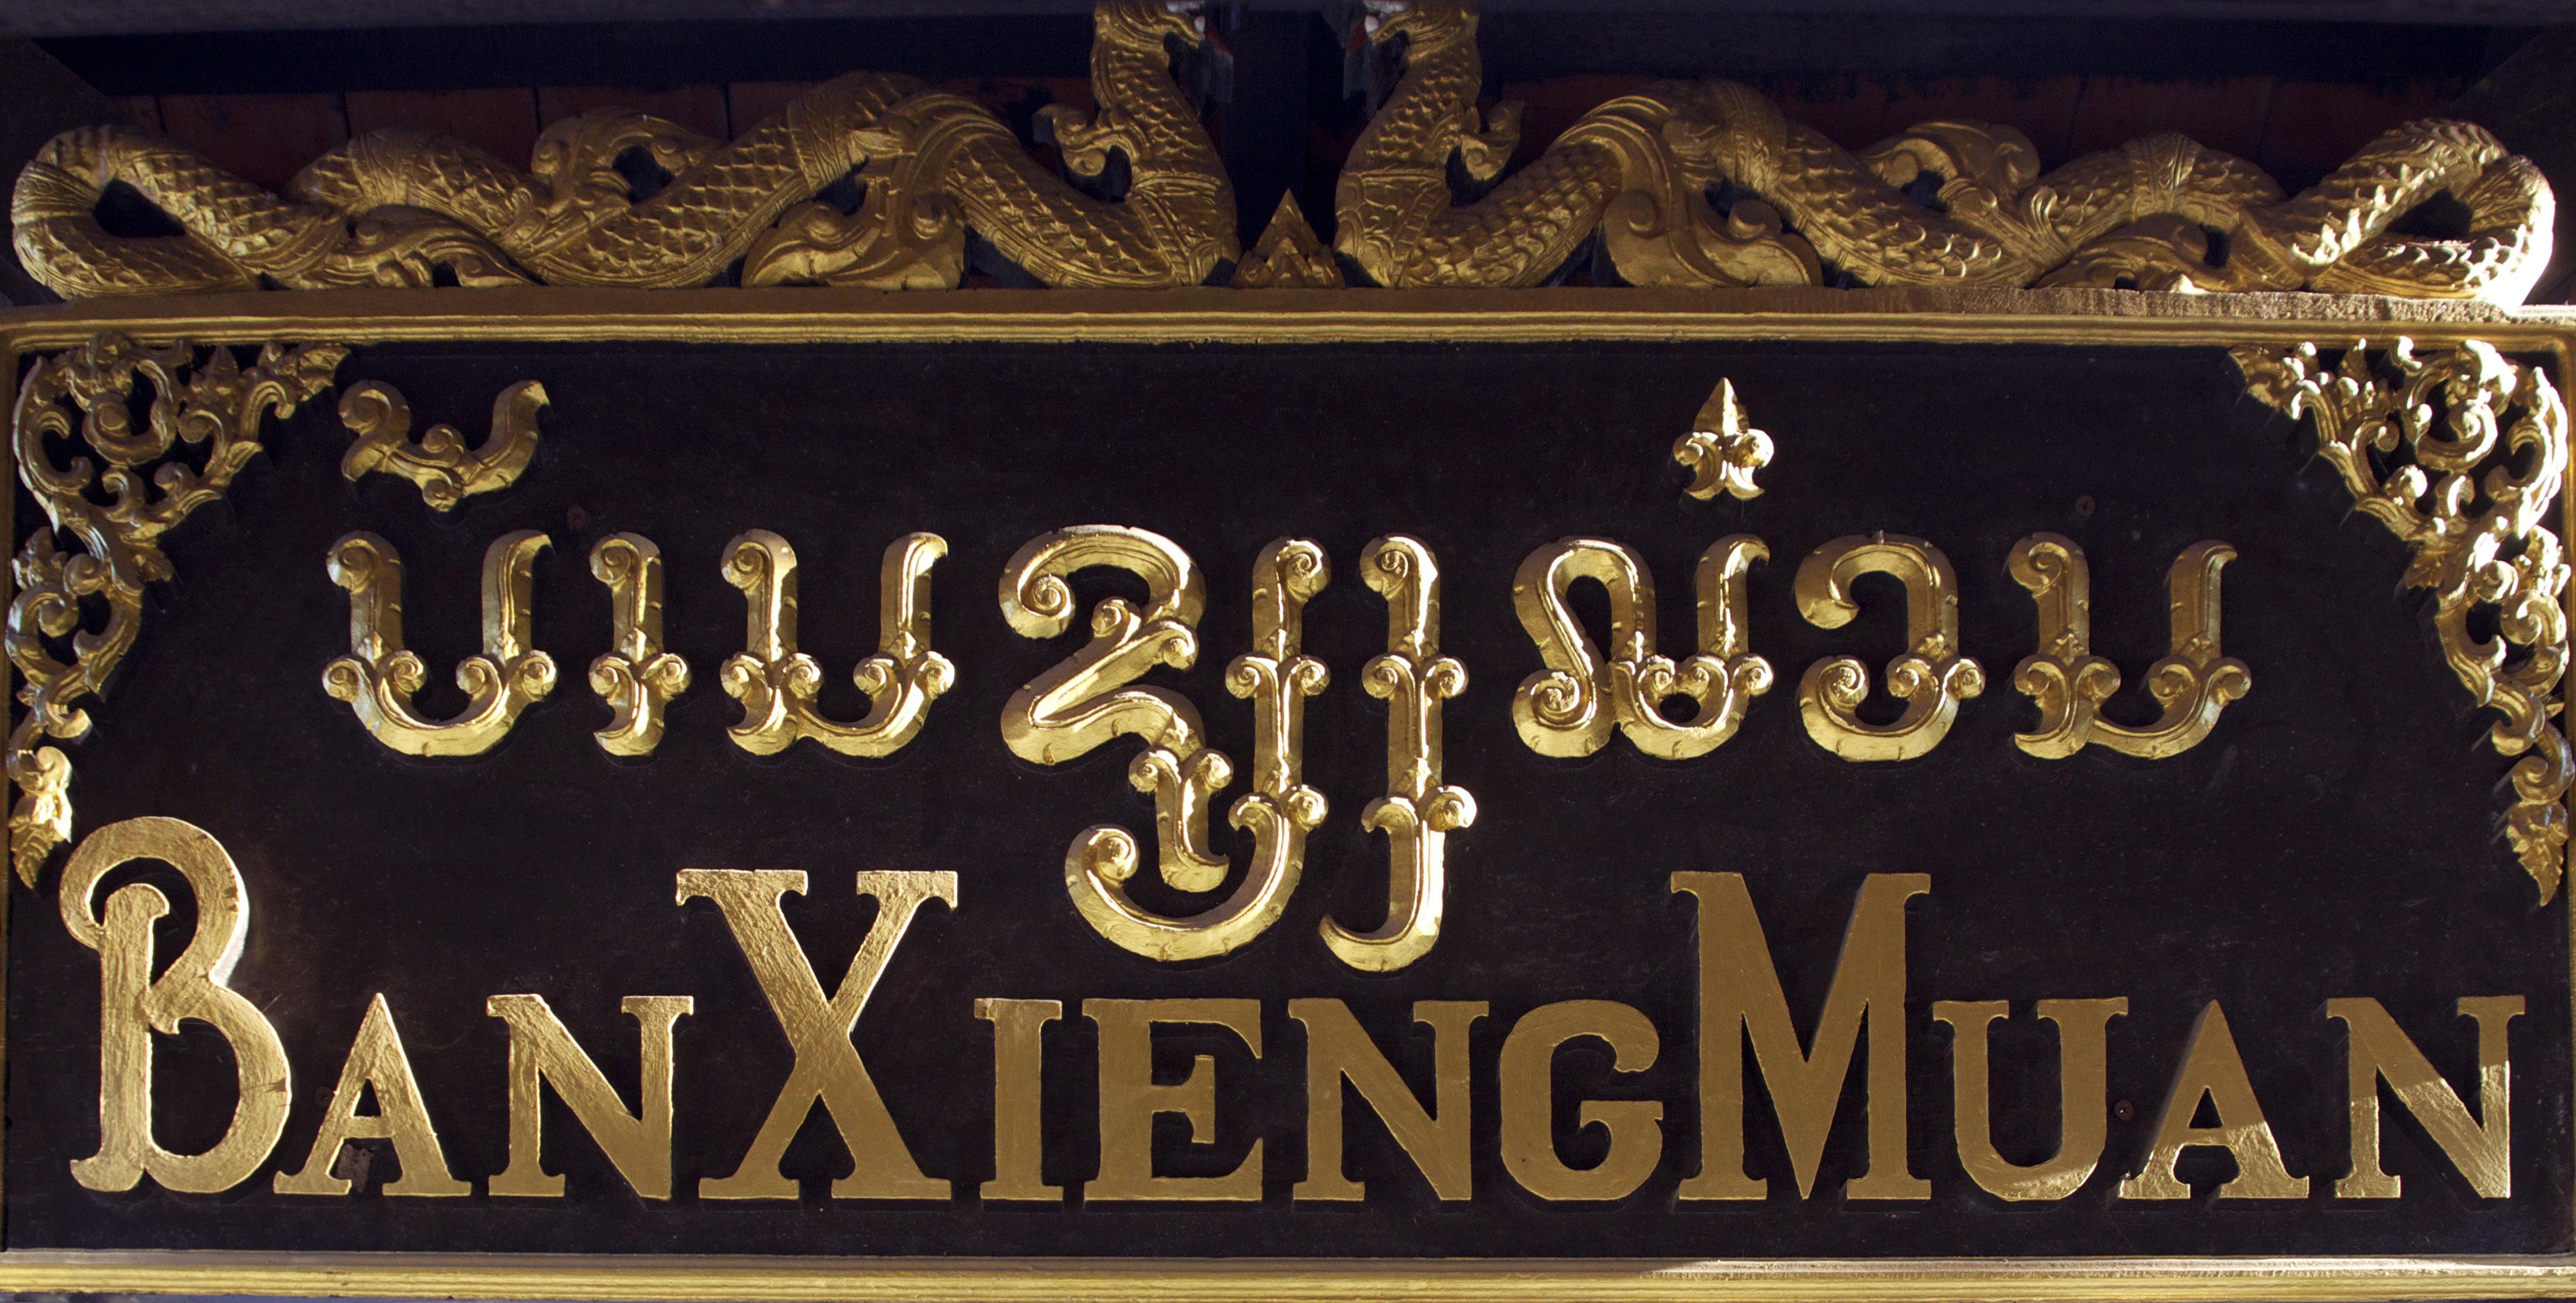 Ban Xieng Muan